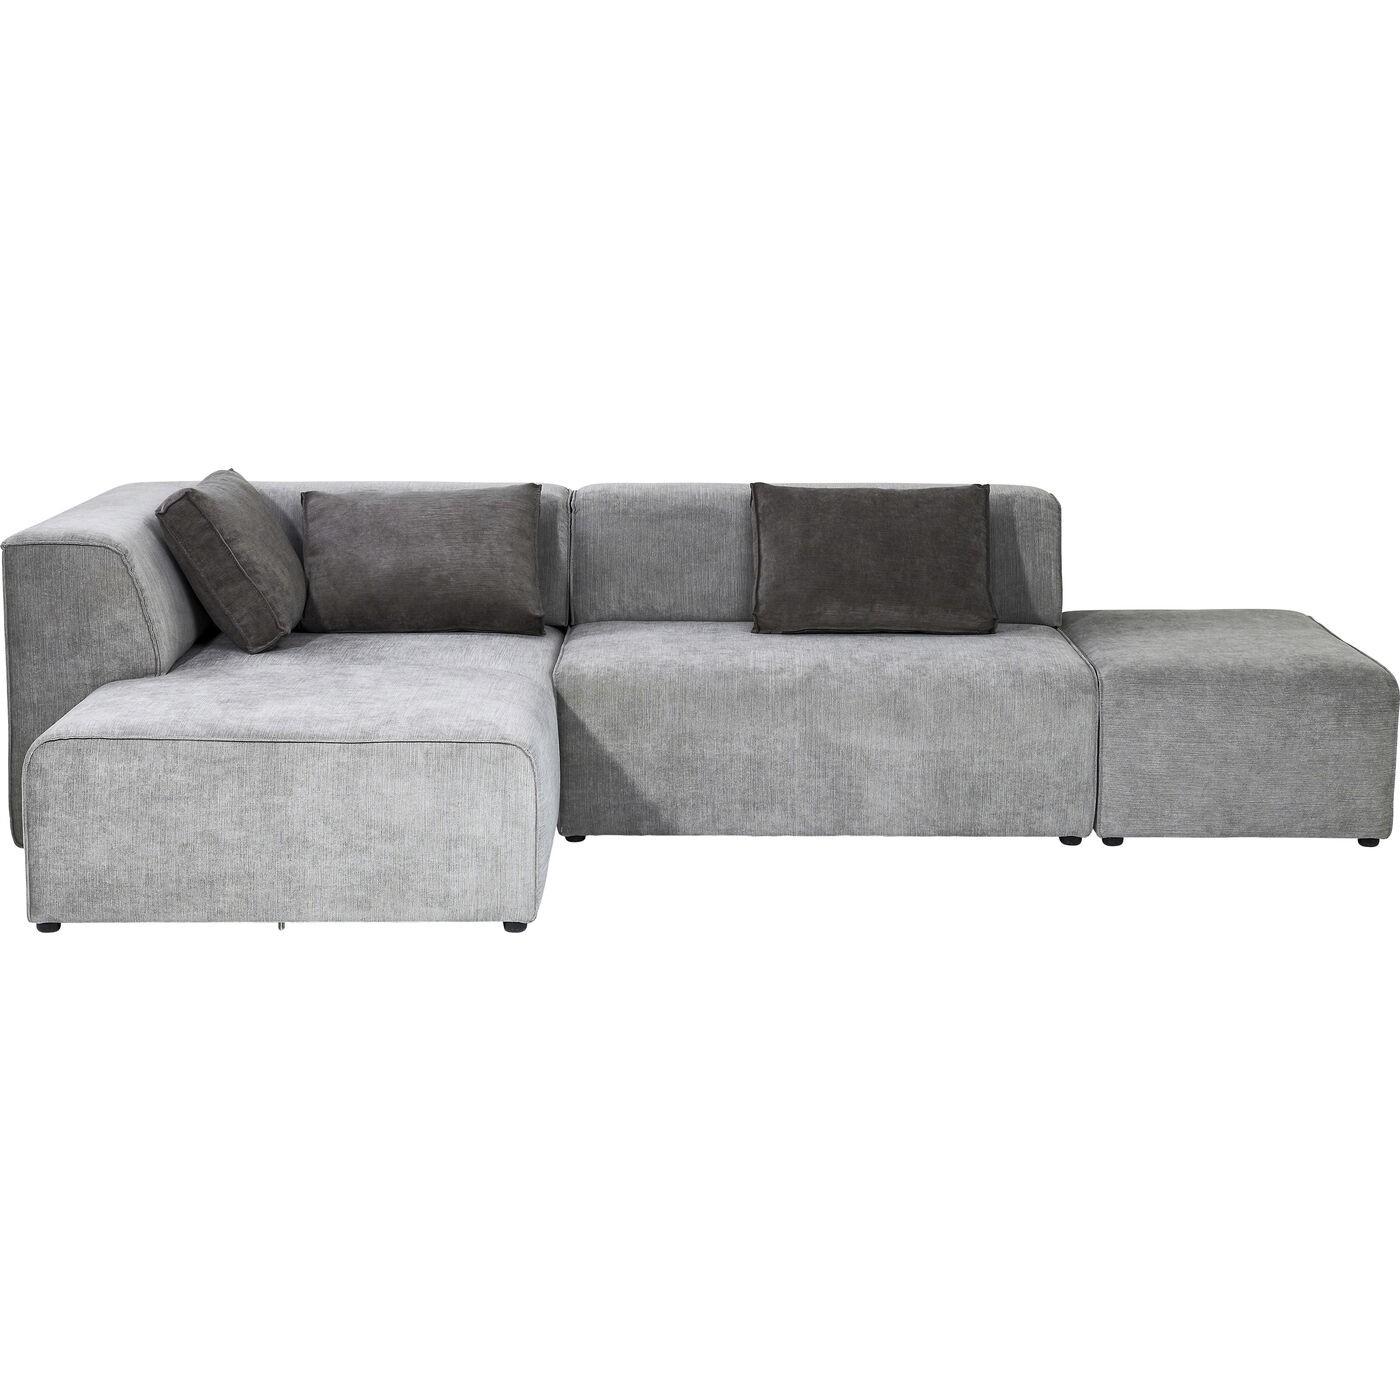 Canapé d'angle gauche 4 places en tissu gris